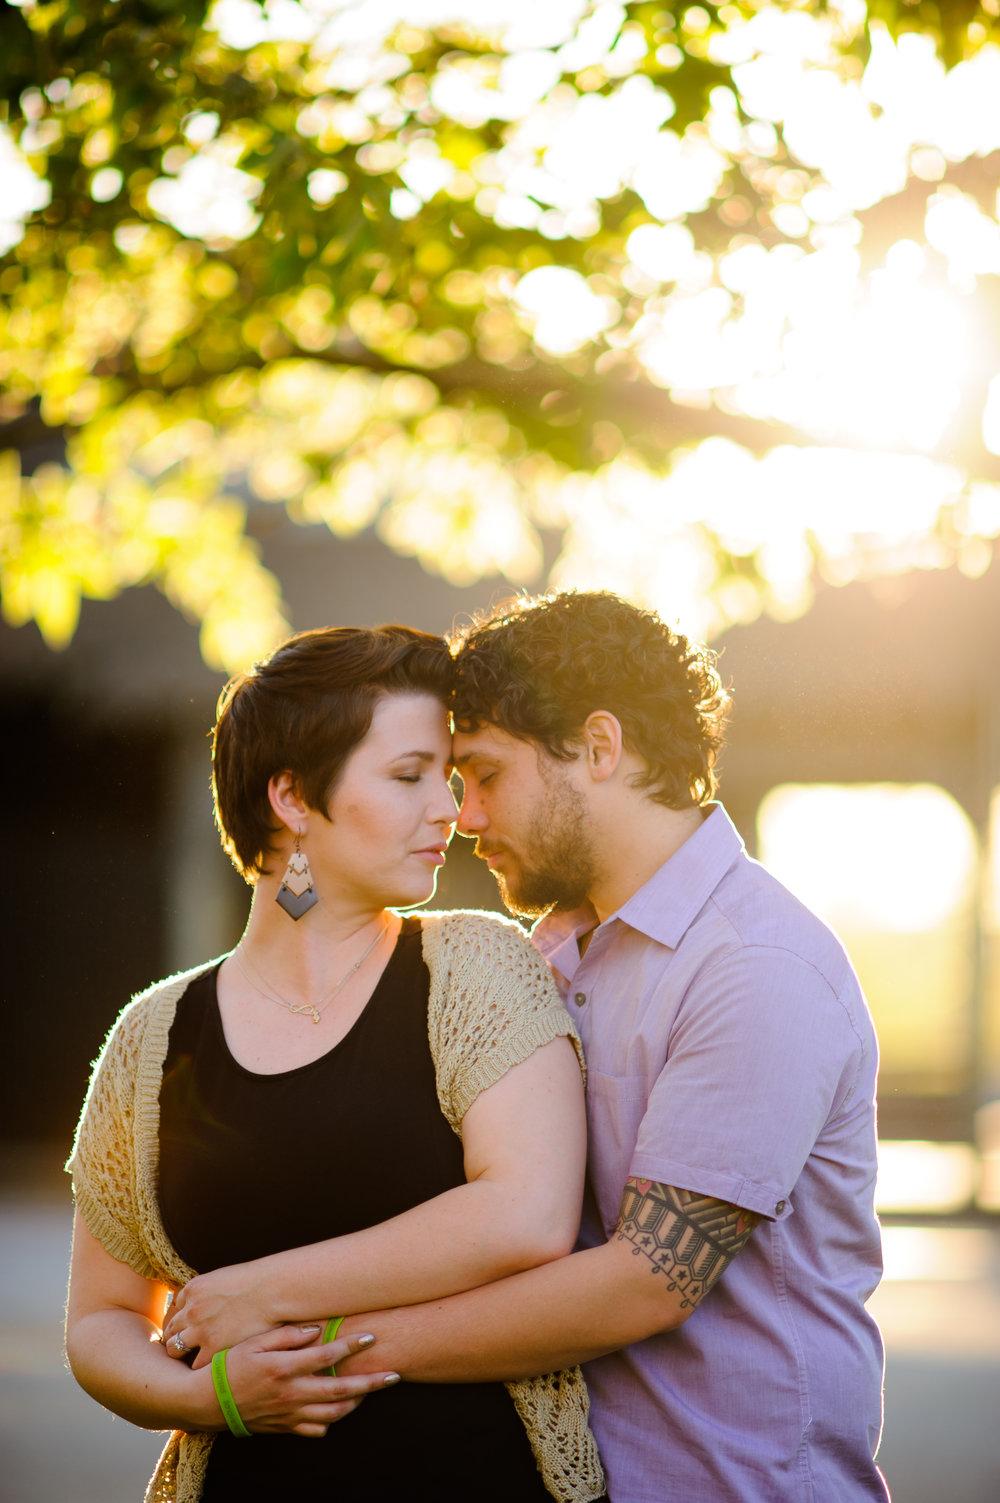 chloe-evan-008-old-sacramento-engagement-session-wedding-photographer-katherine-nicole-photography.JPG